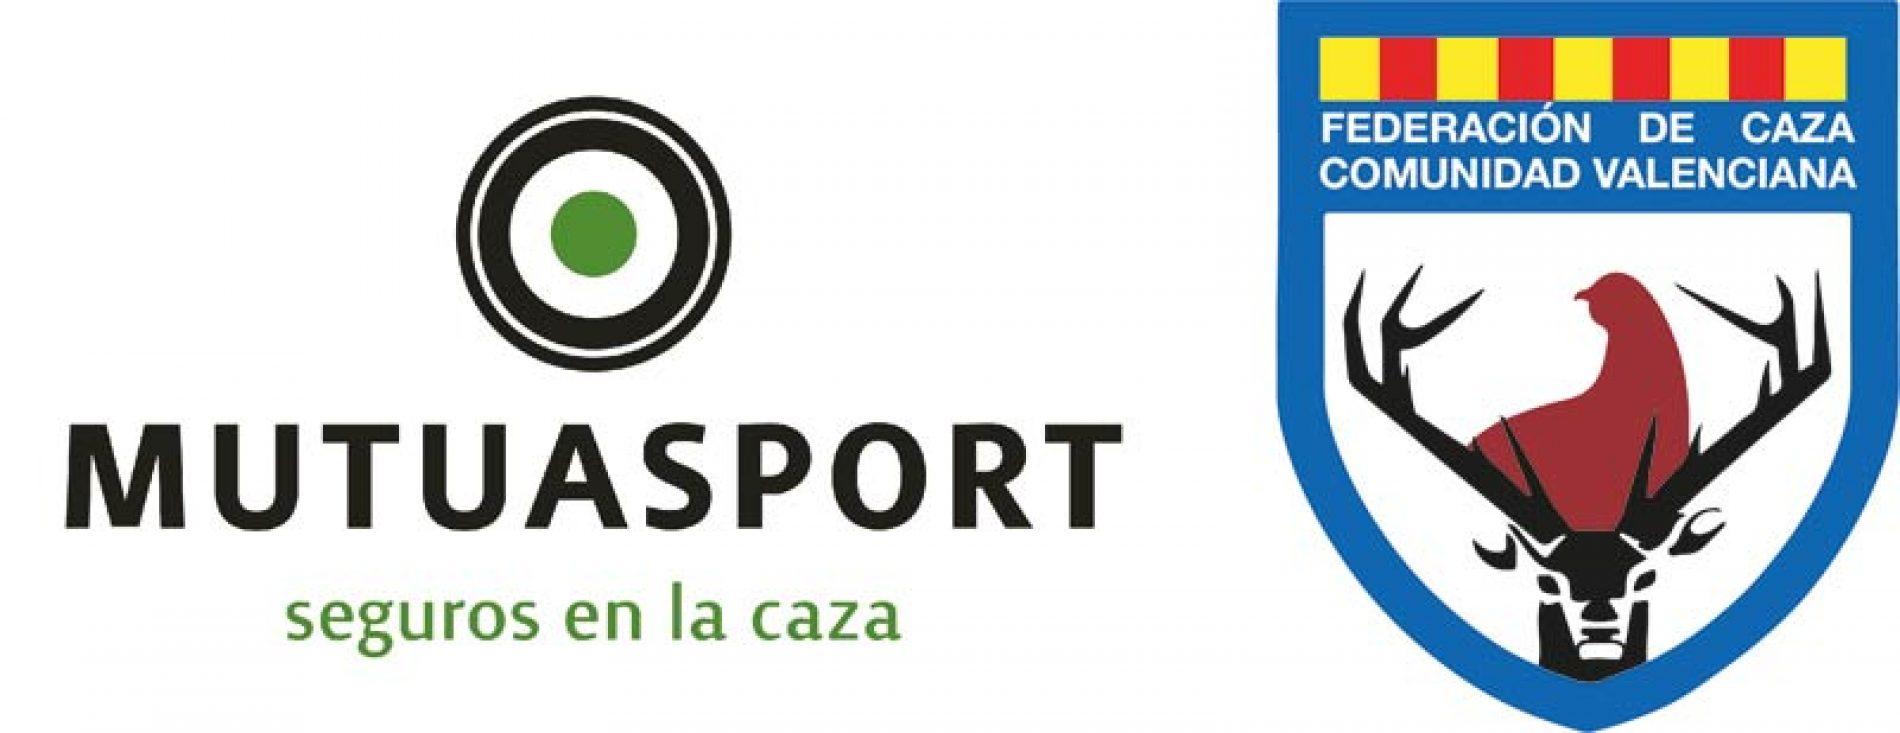 La Federación de Caza de la Comunidad Valenciana vuelve a Mutuasport